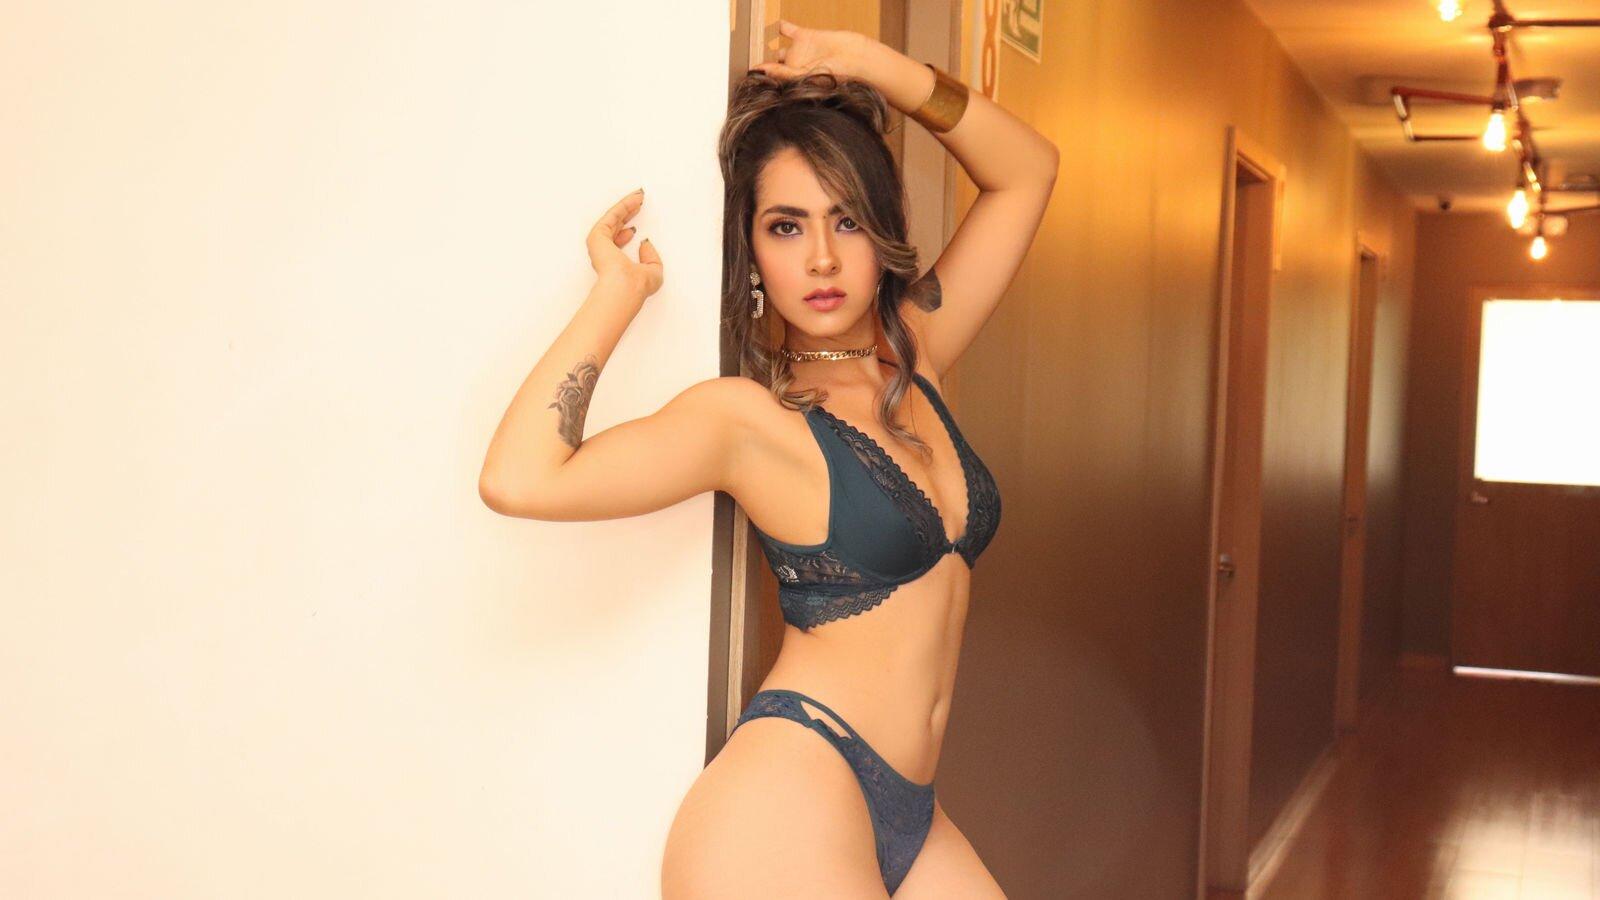 CamilaPark